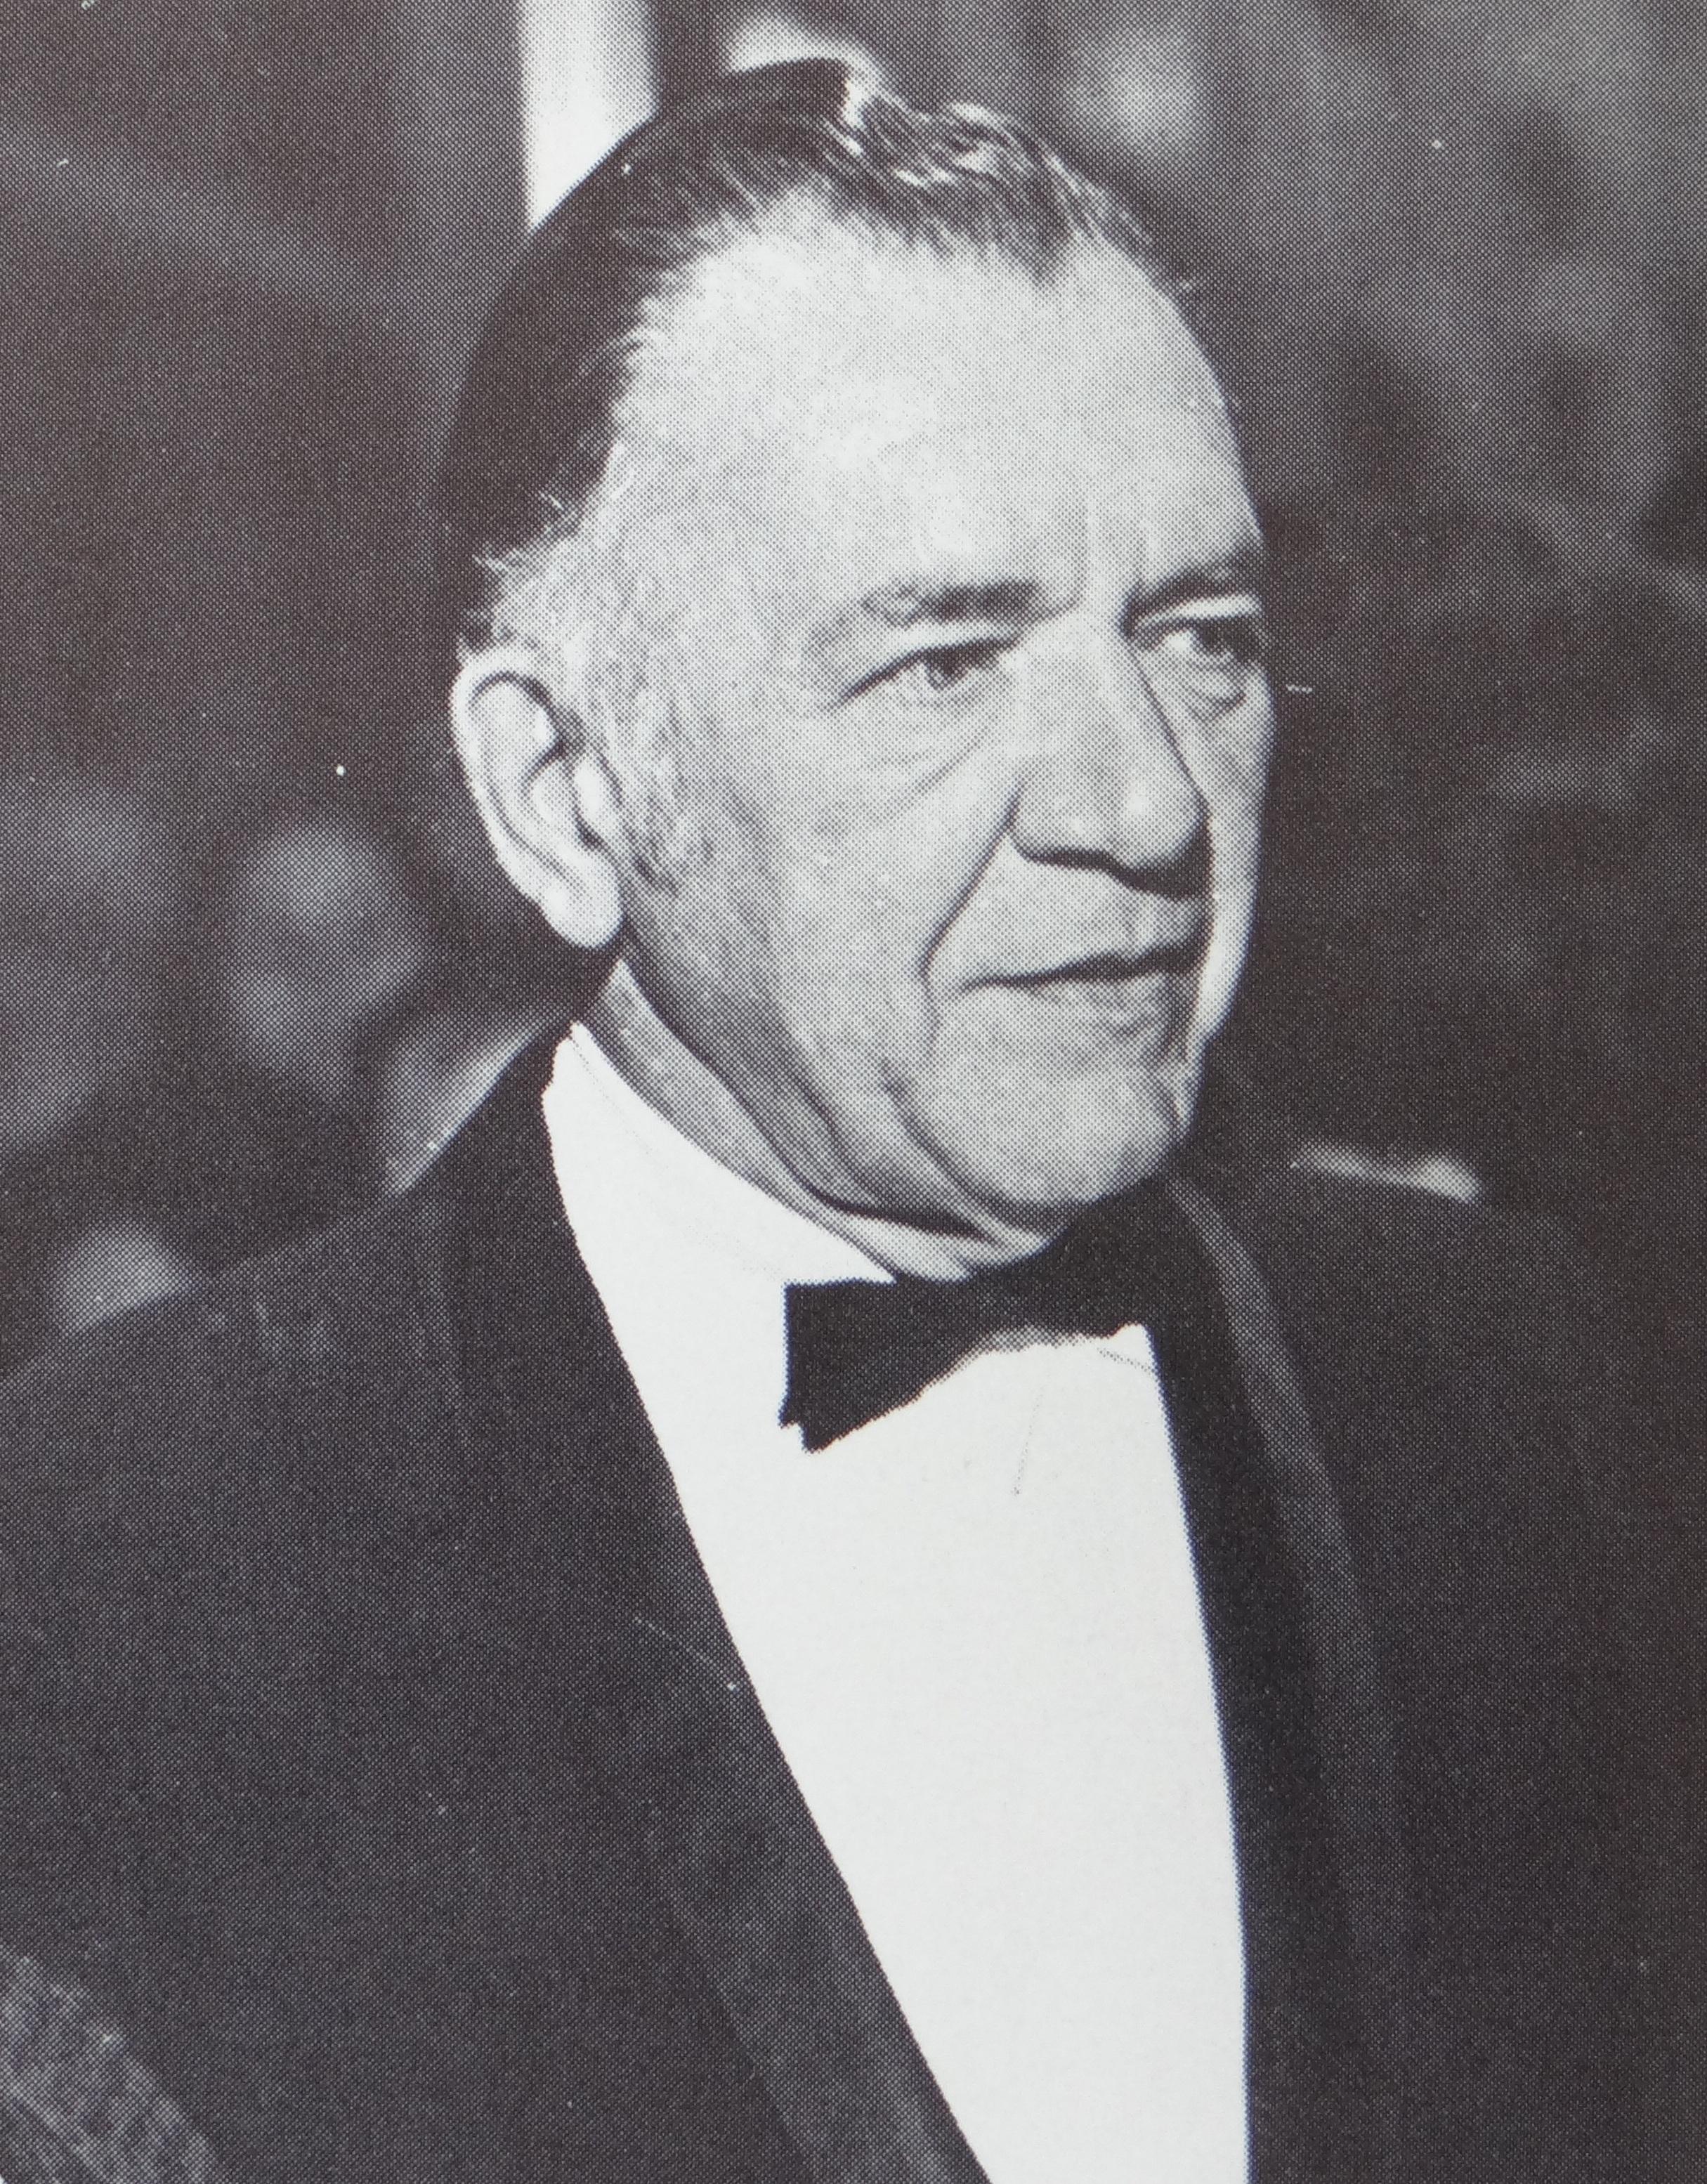 Kerr in 1972